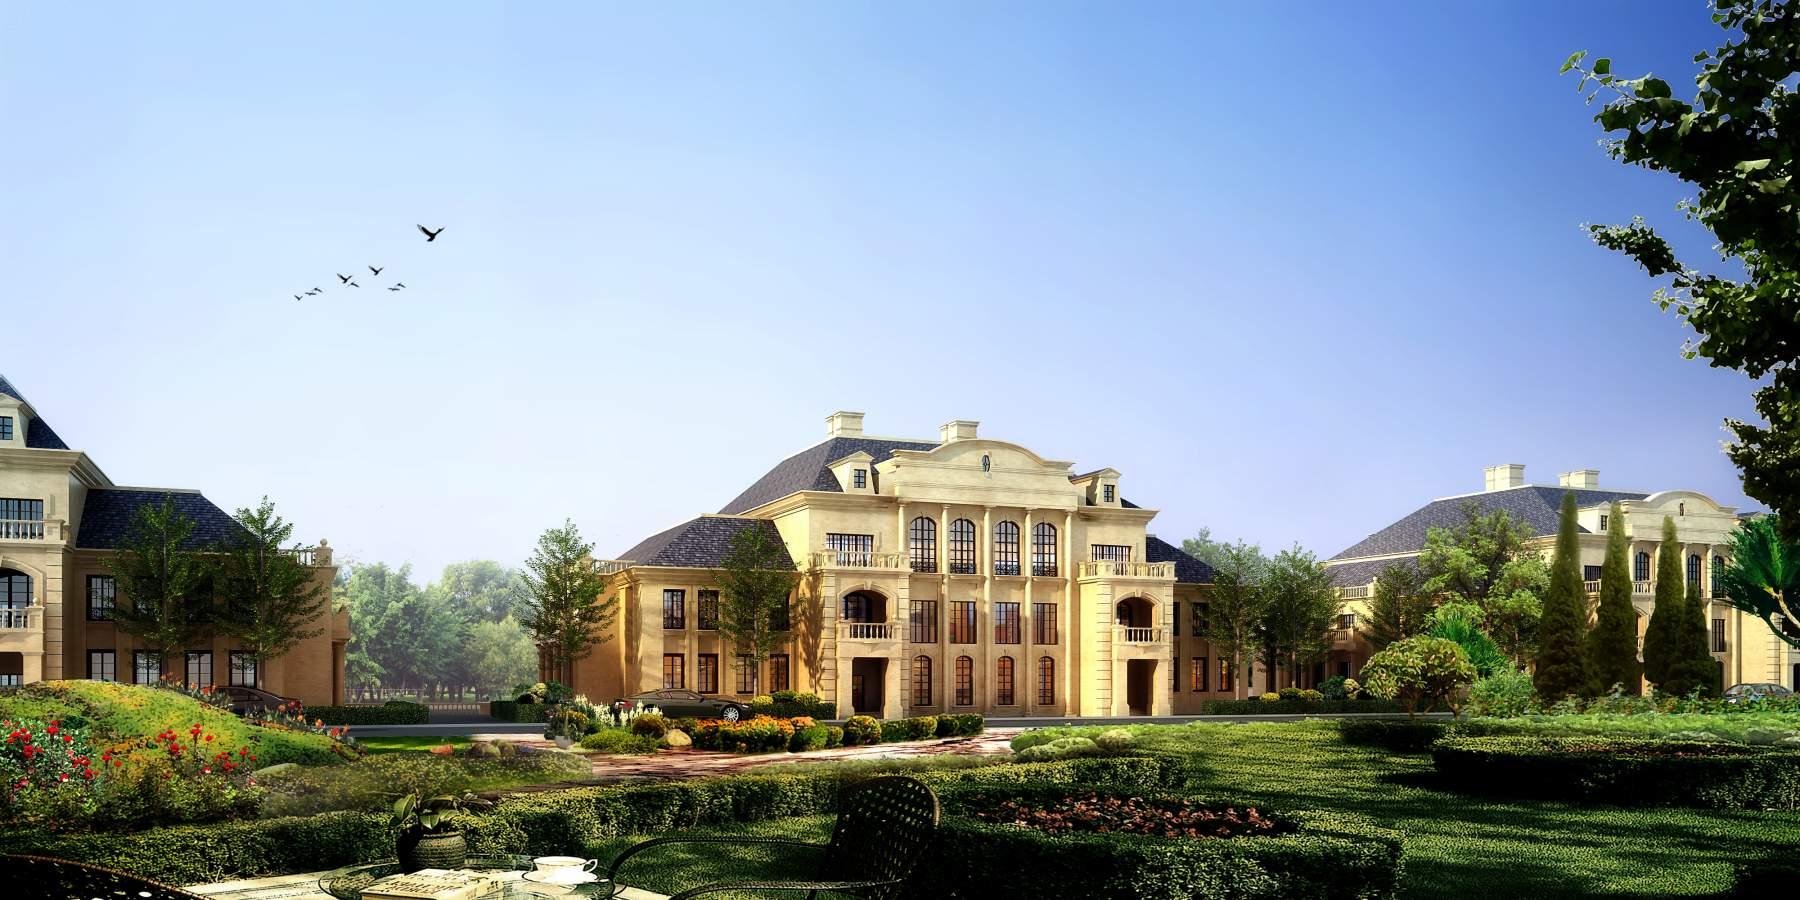 法式大别墅